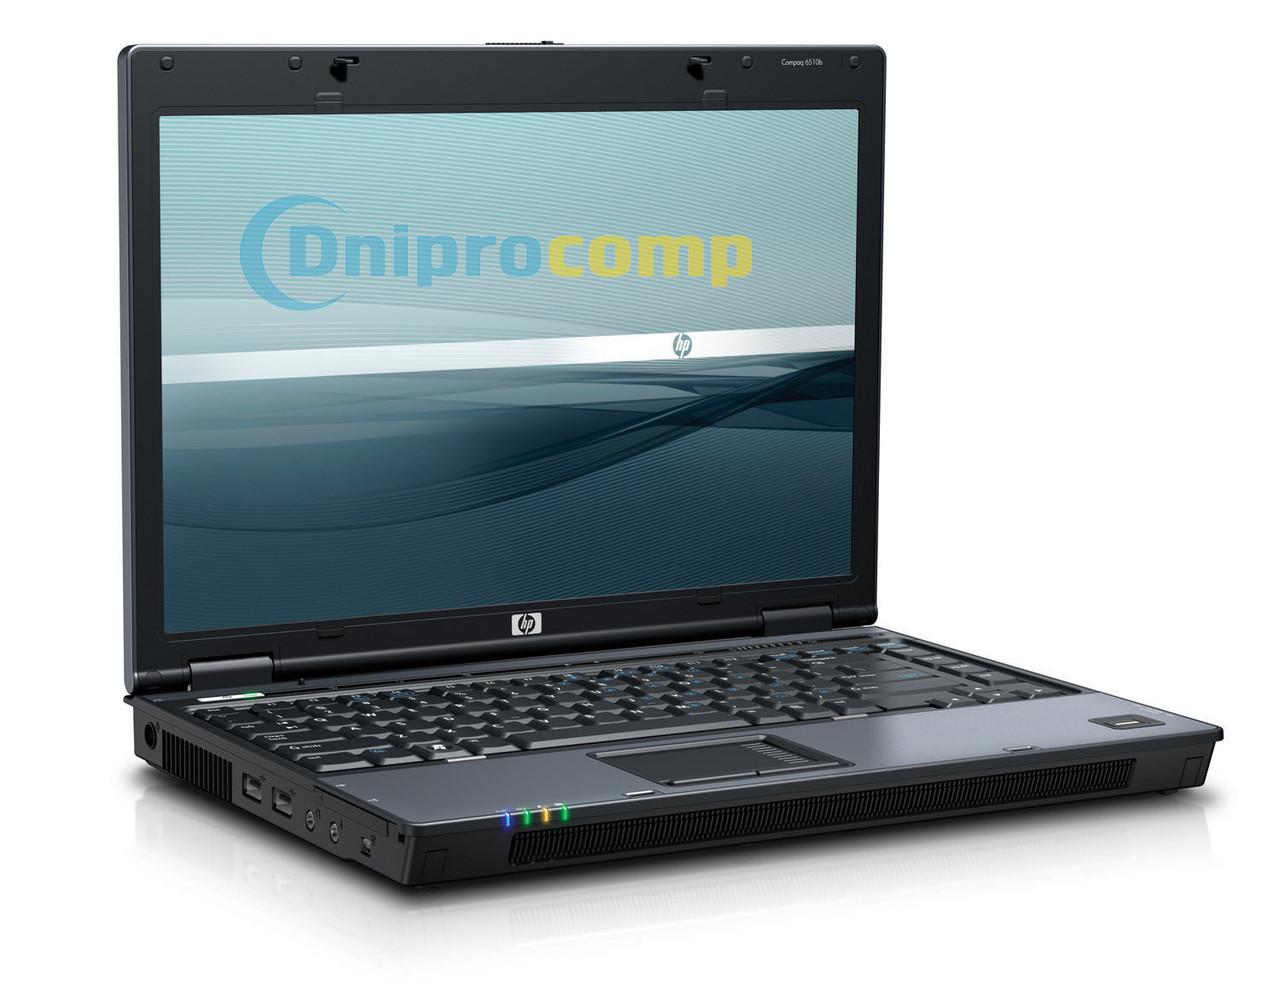 Ноутбук HP Compaq 6510b Core2Duo - Уценка